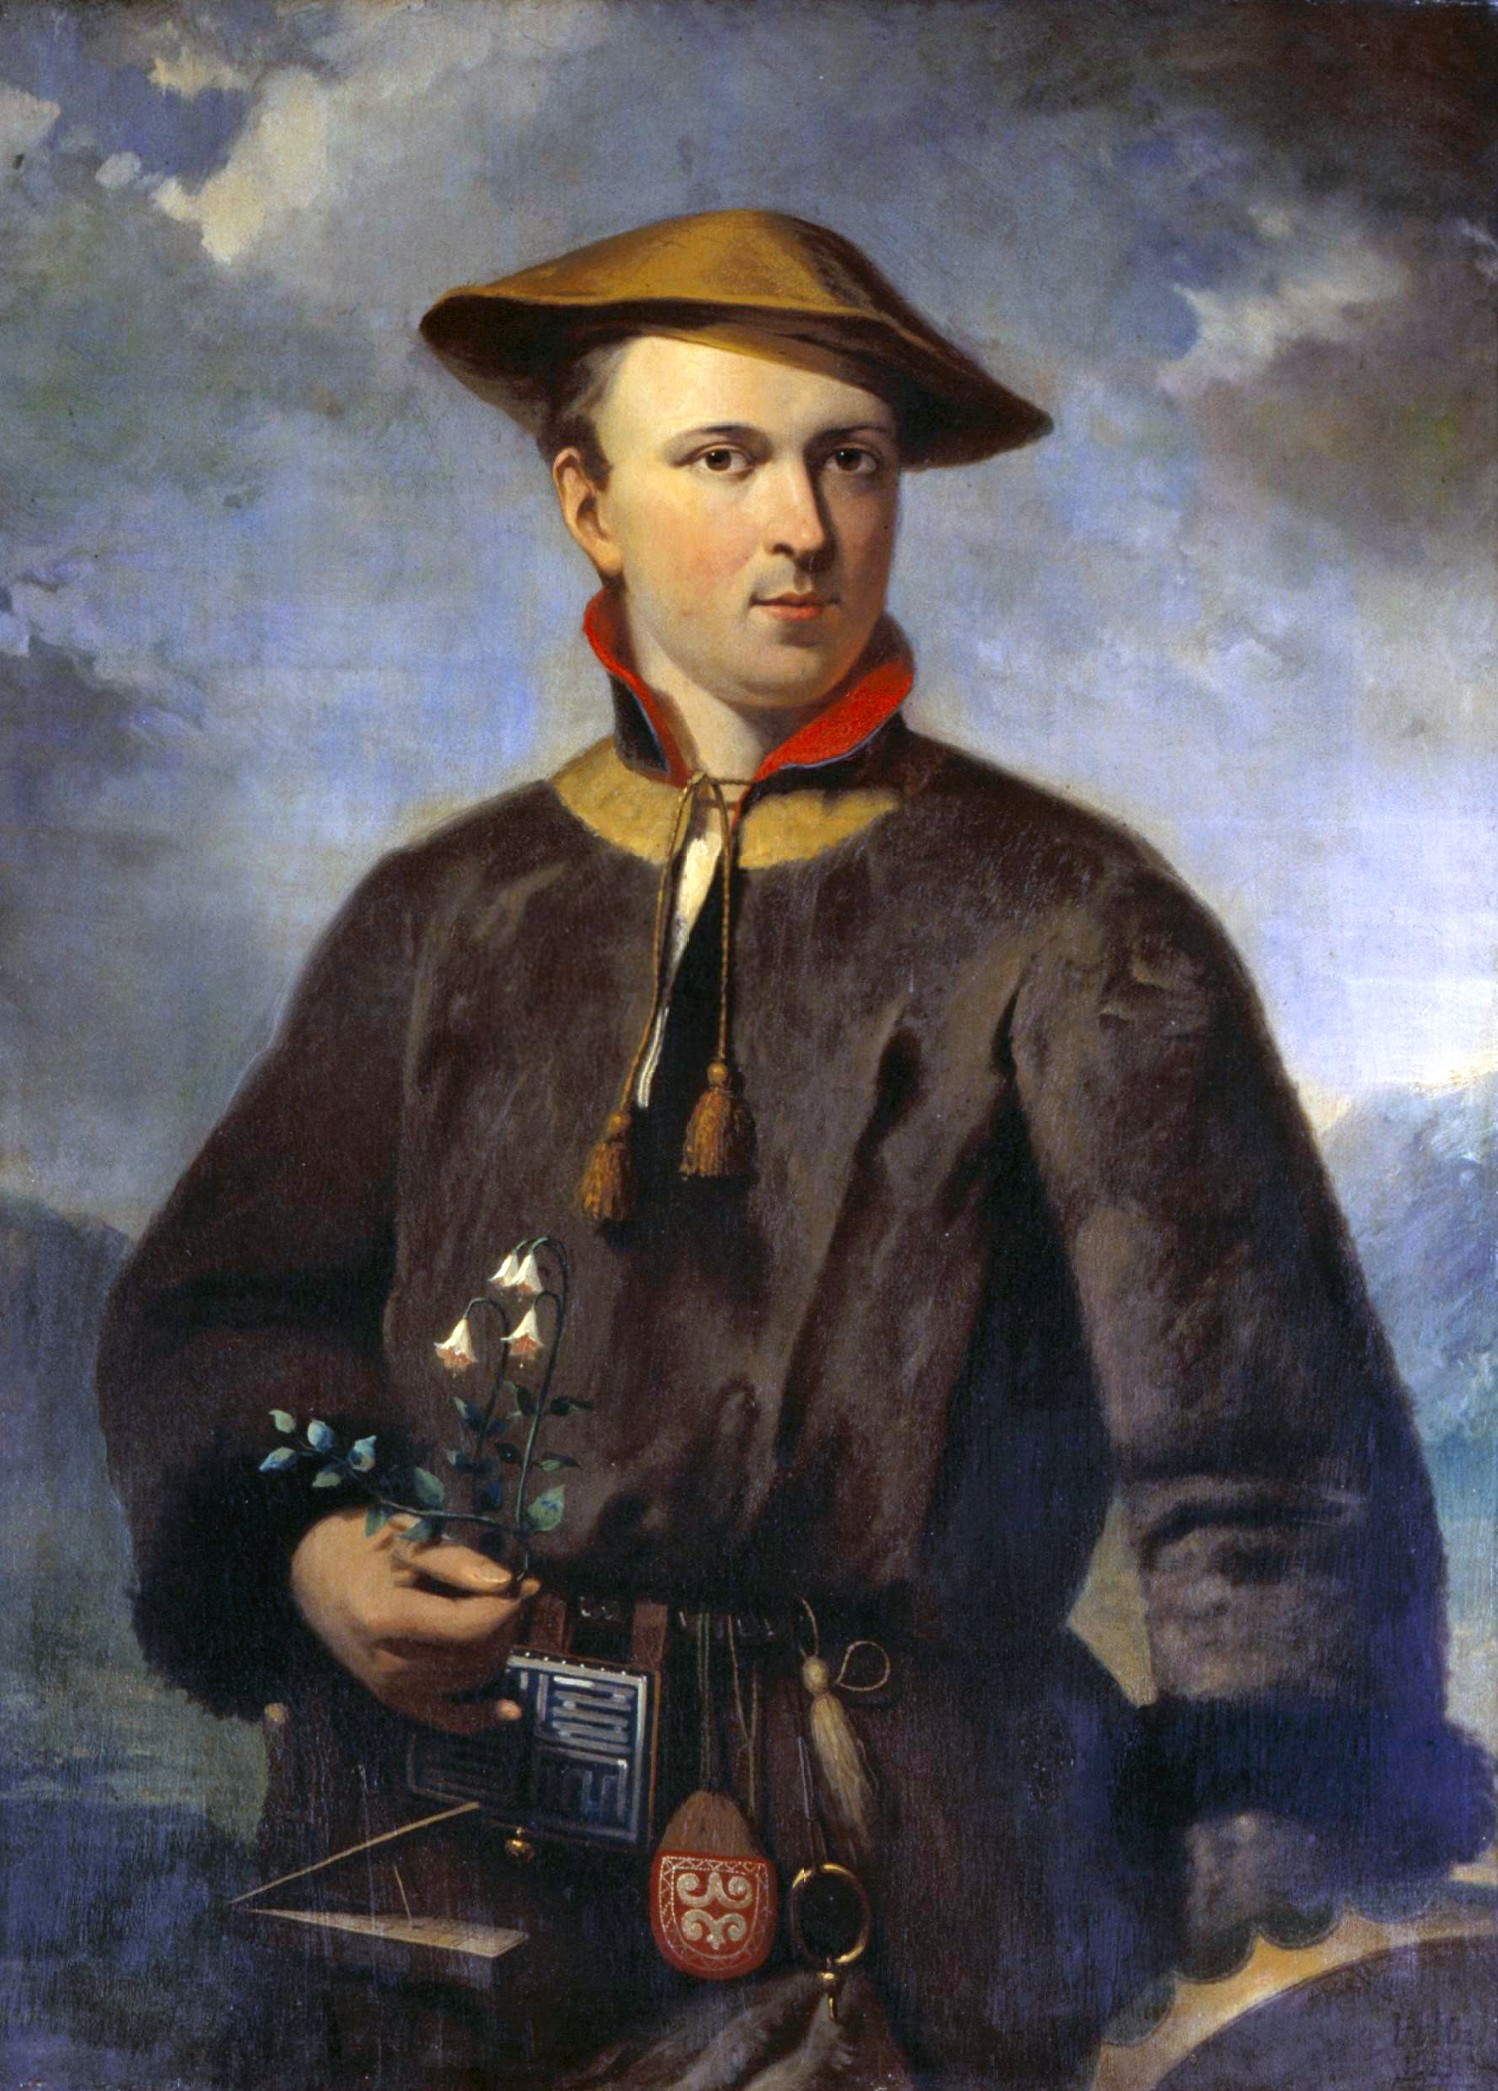 Porträtt av Carl von Linné som håller en linnea i handen.